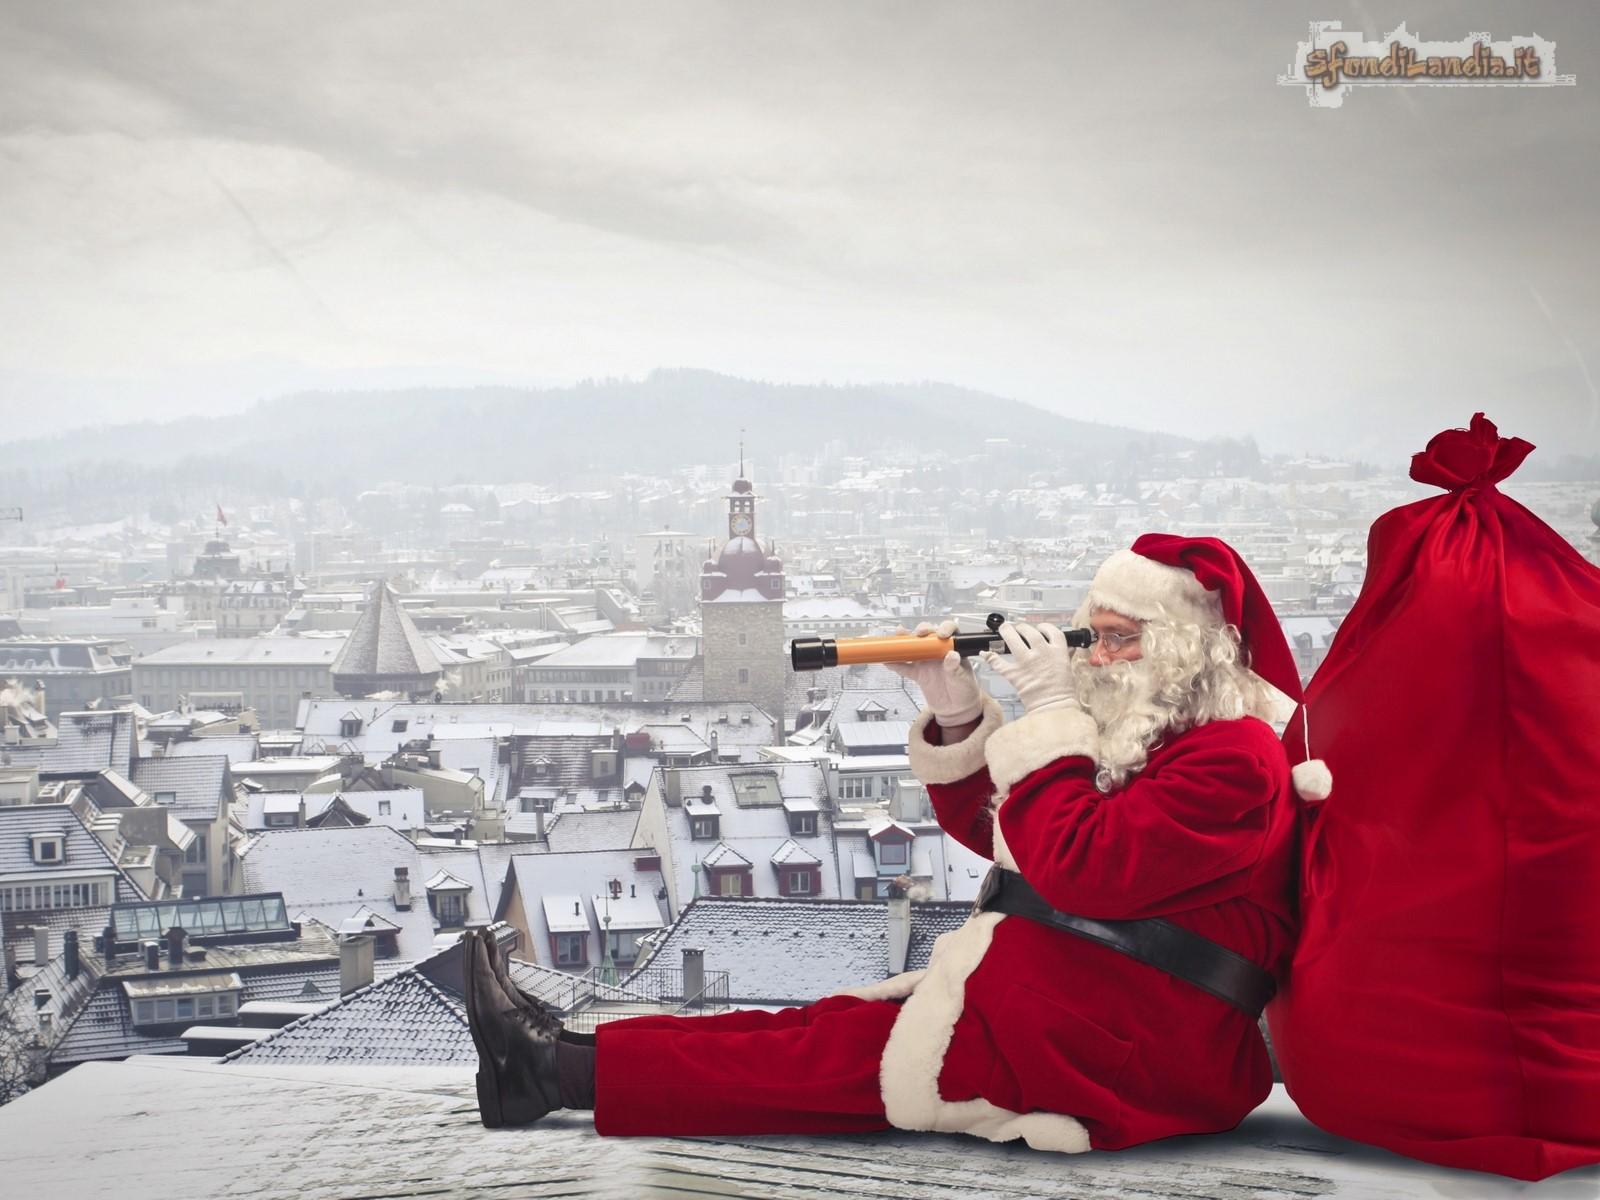 Babbo Natale X Desktop.Sfondilandia It Sfondo Gratis Di Babbo Natale Sui Tetti